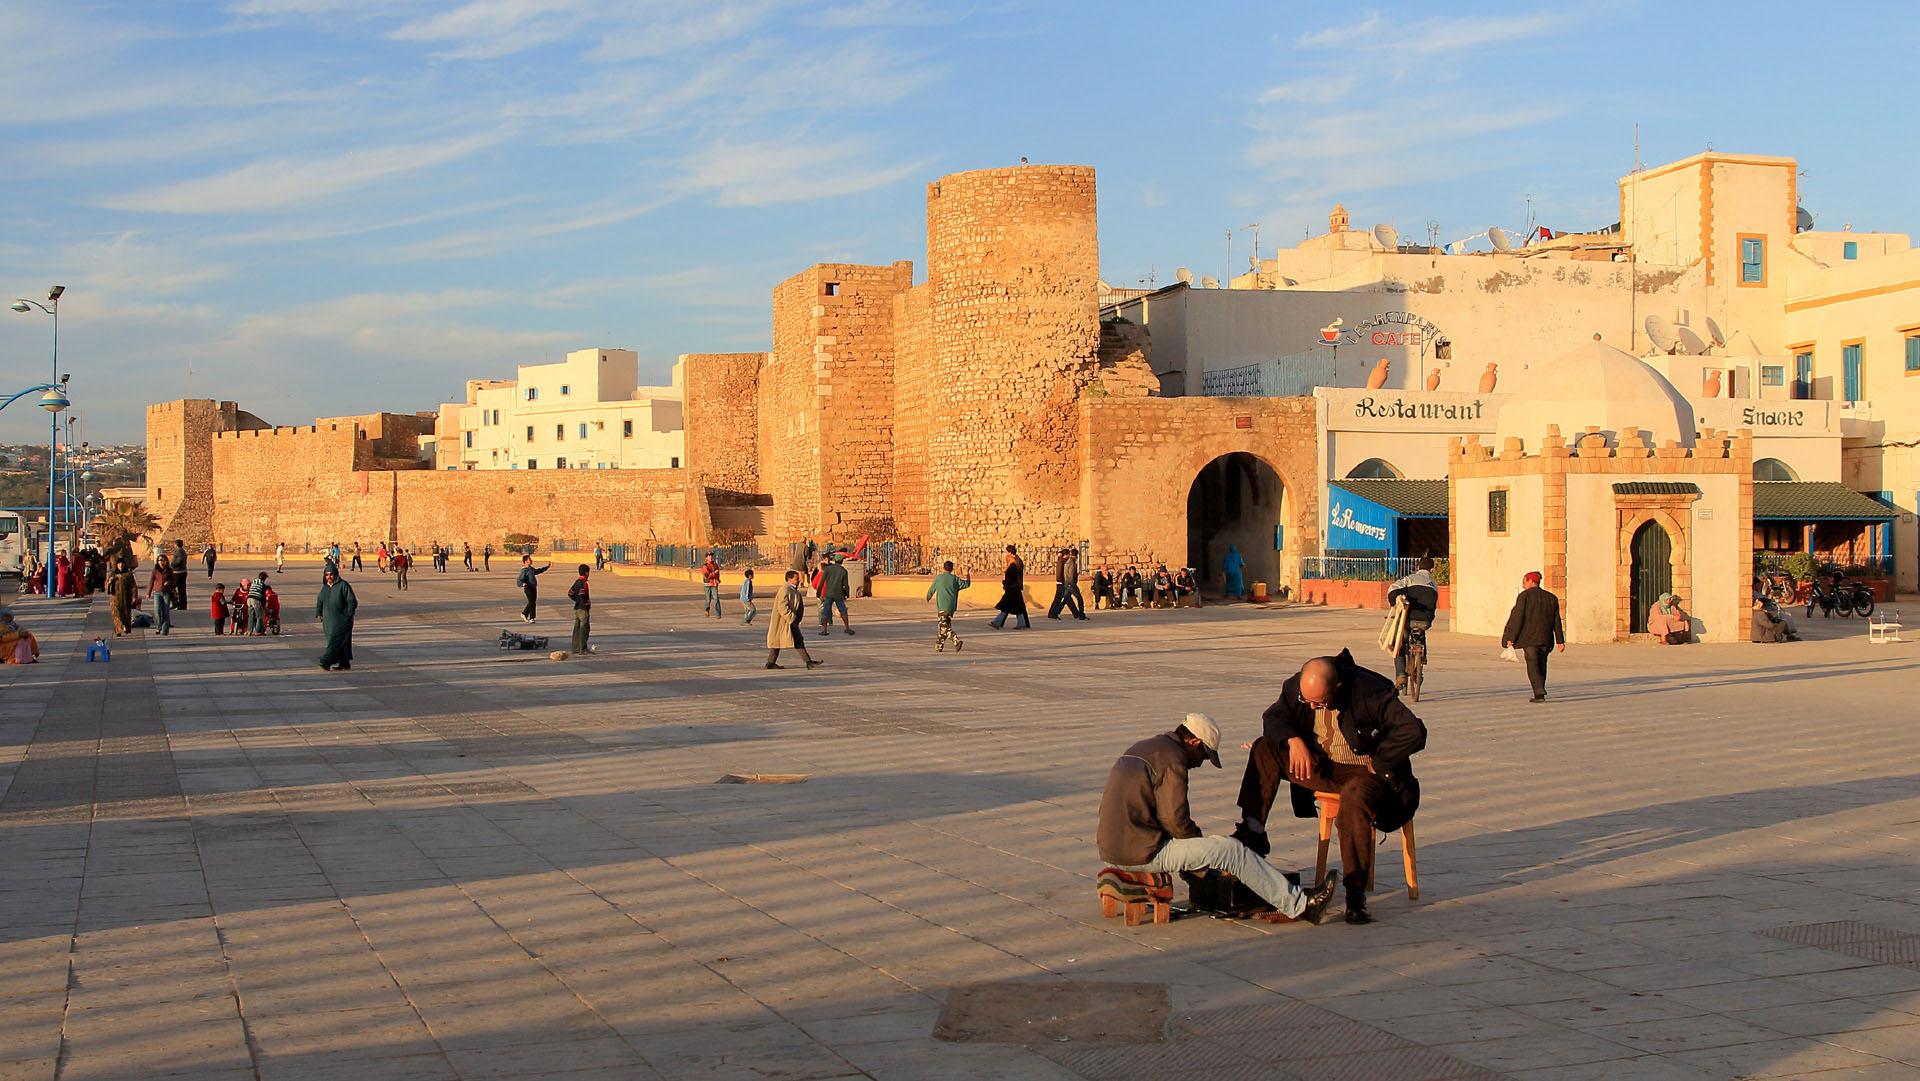 Maroko, Morocco